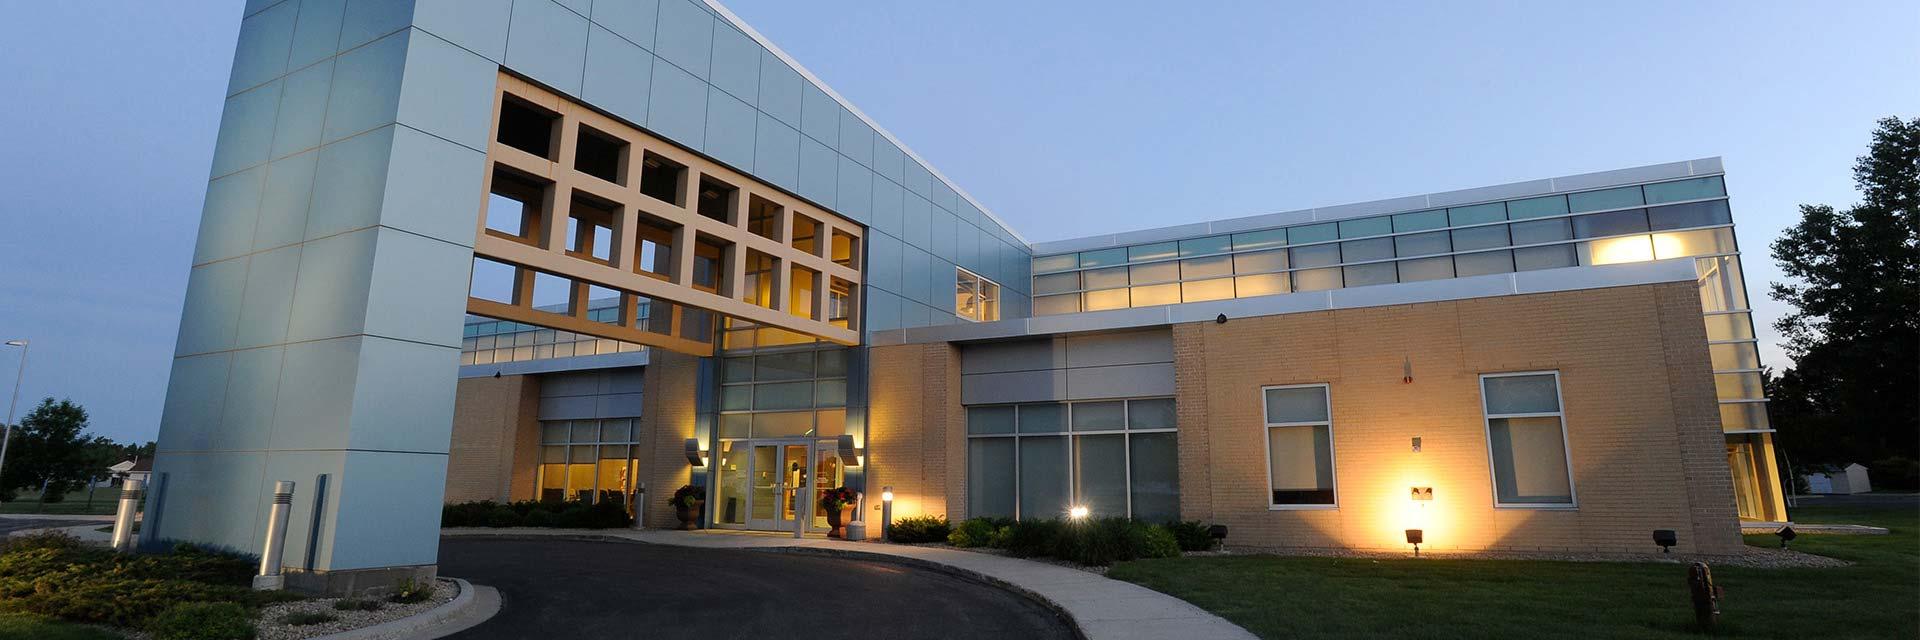 FLEC Building